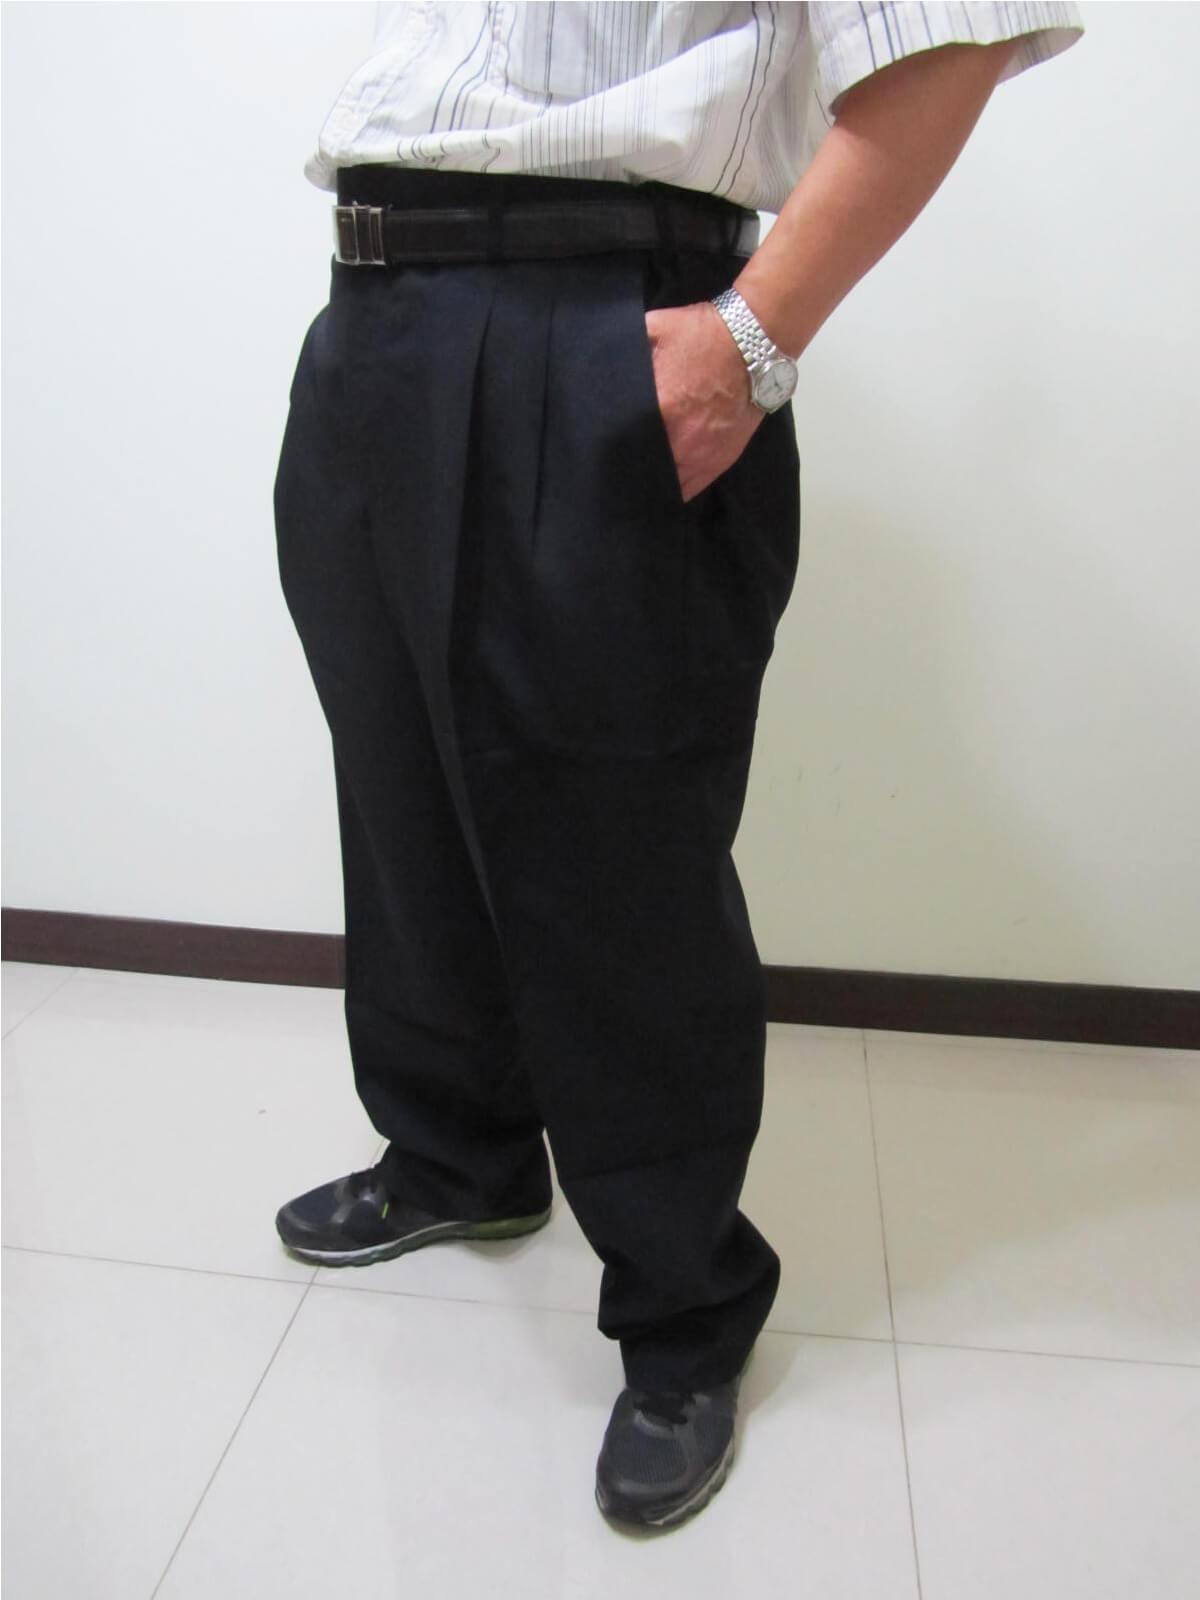 sun-e特加大尺碼西裝褲、加大尺碼打摺西裝褲、加大尺碼西褲、正式場合西裝褲、標準西裝褲、上班西裝褲、商務西裝褲、黑色西裝褲、深藍西裝褲、腰圍有皮帶環(褲耳)、褲檔有拉鍊(321-7007-01)深藍(321-7007-02)黑色 腰圍:42 44 46 48 50 52 54 56(英吋) 2